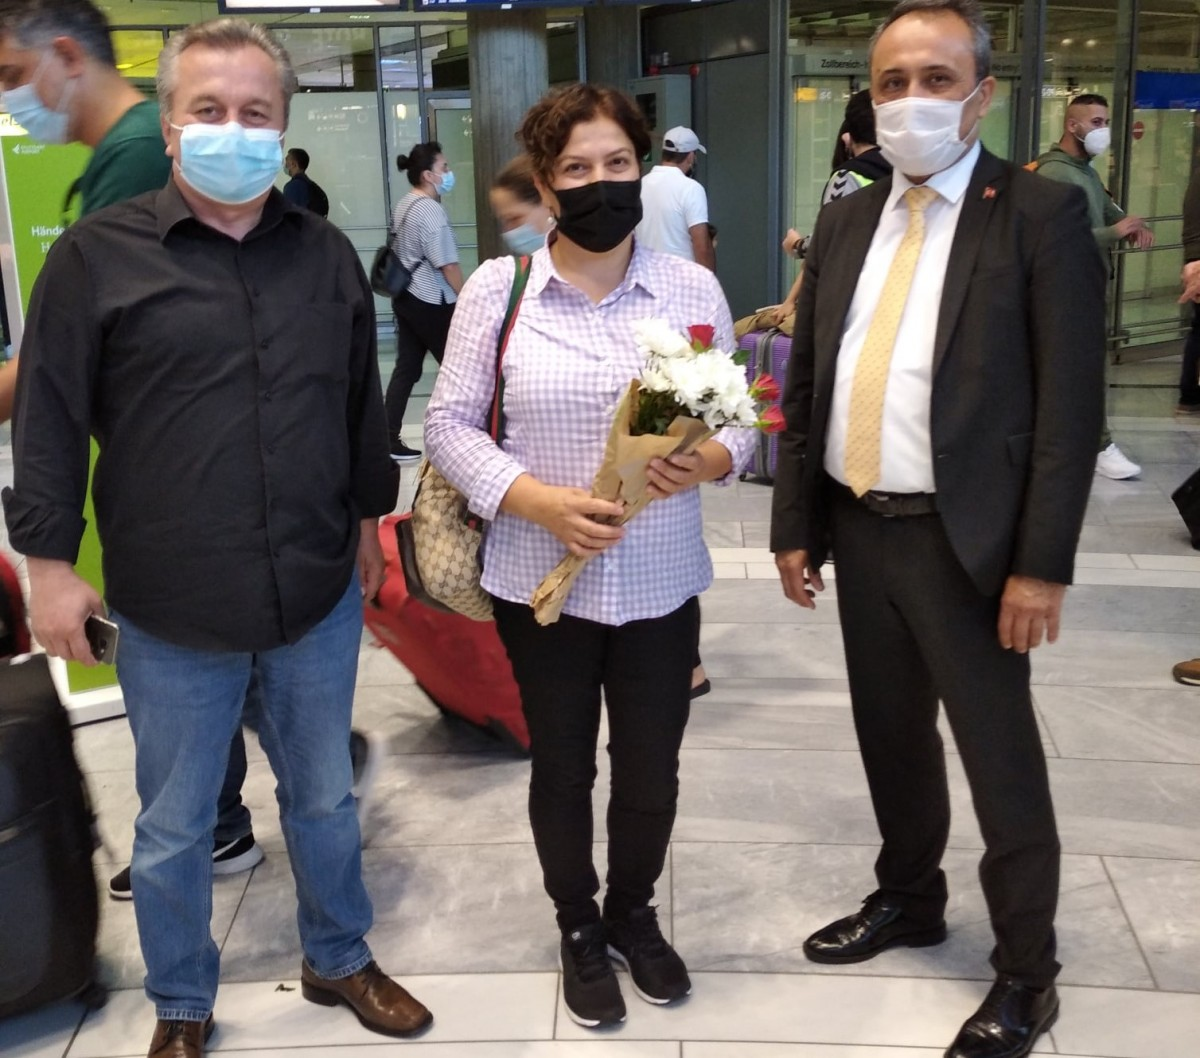 Yeni Türkçe Öğretmenleri Çiçeklerle Karşılandı